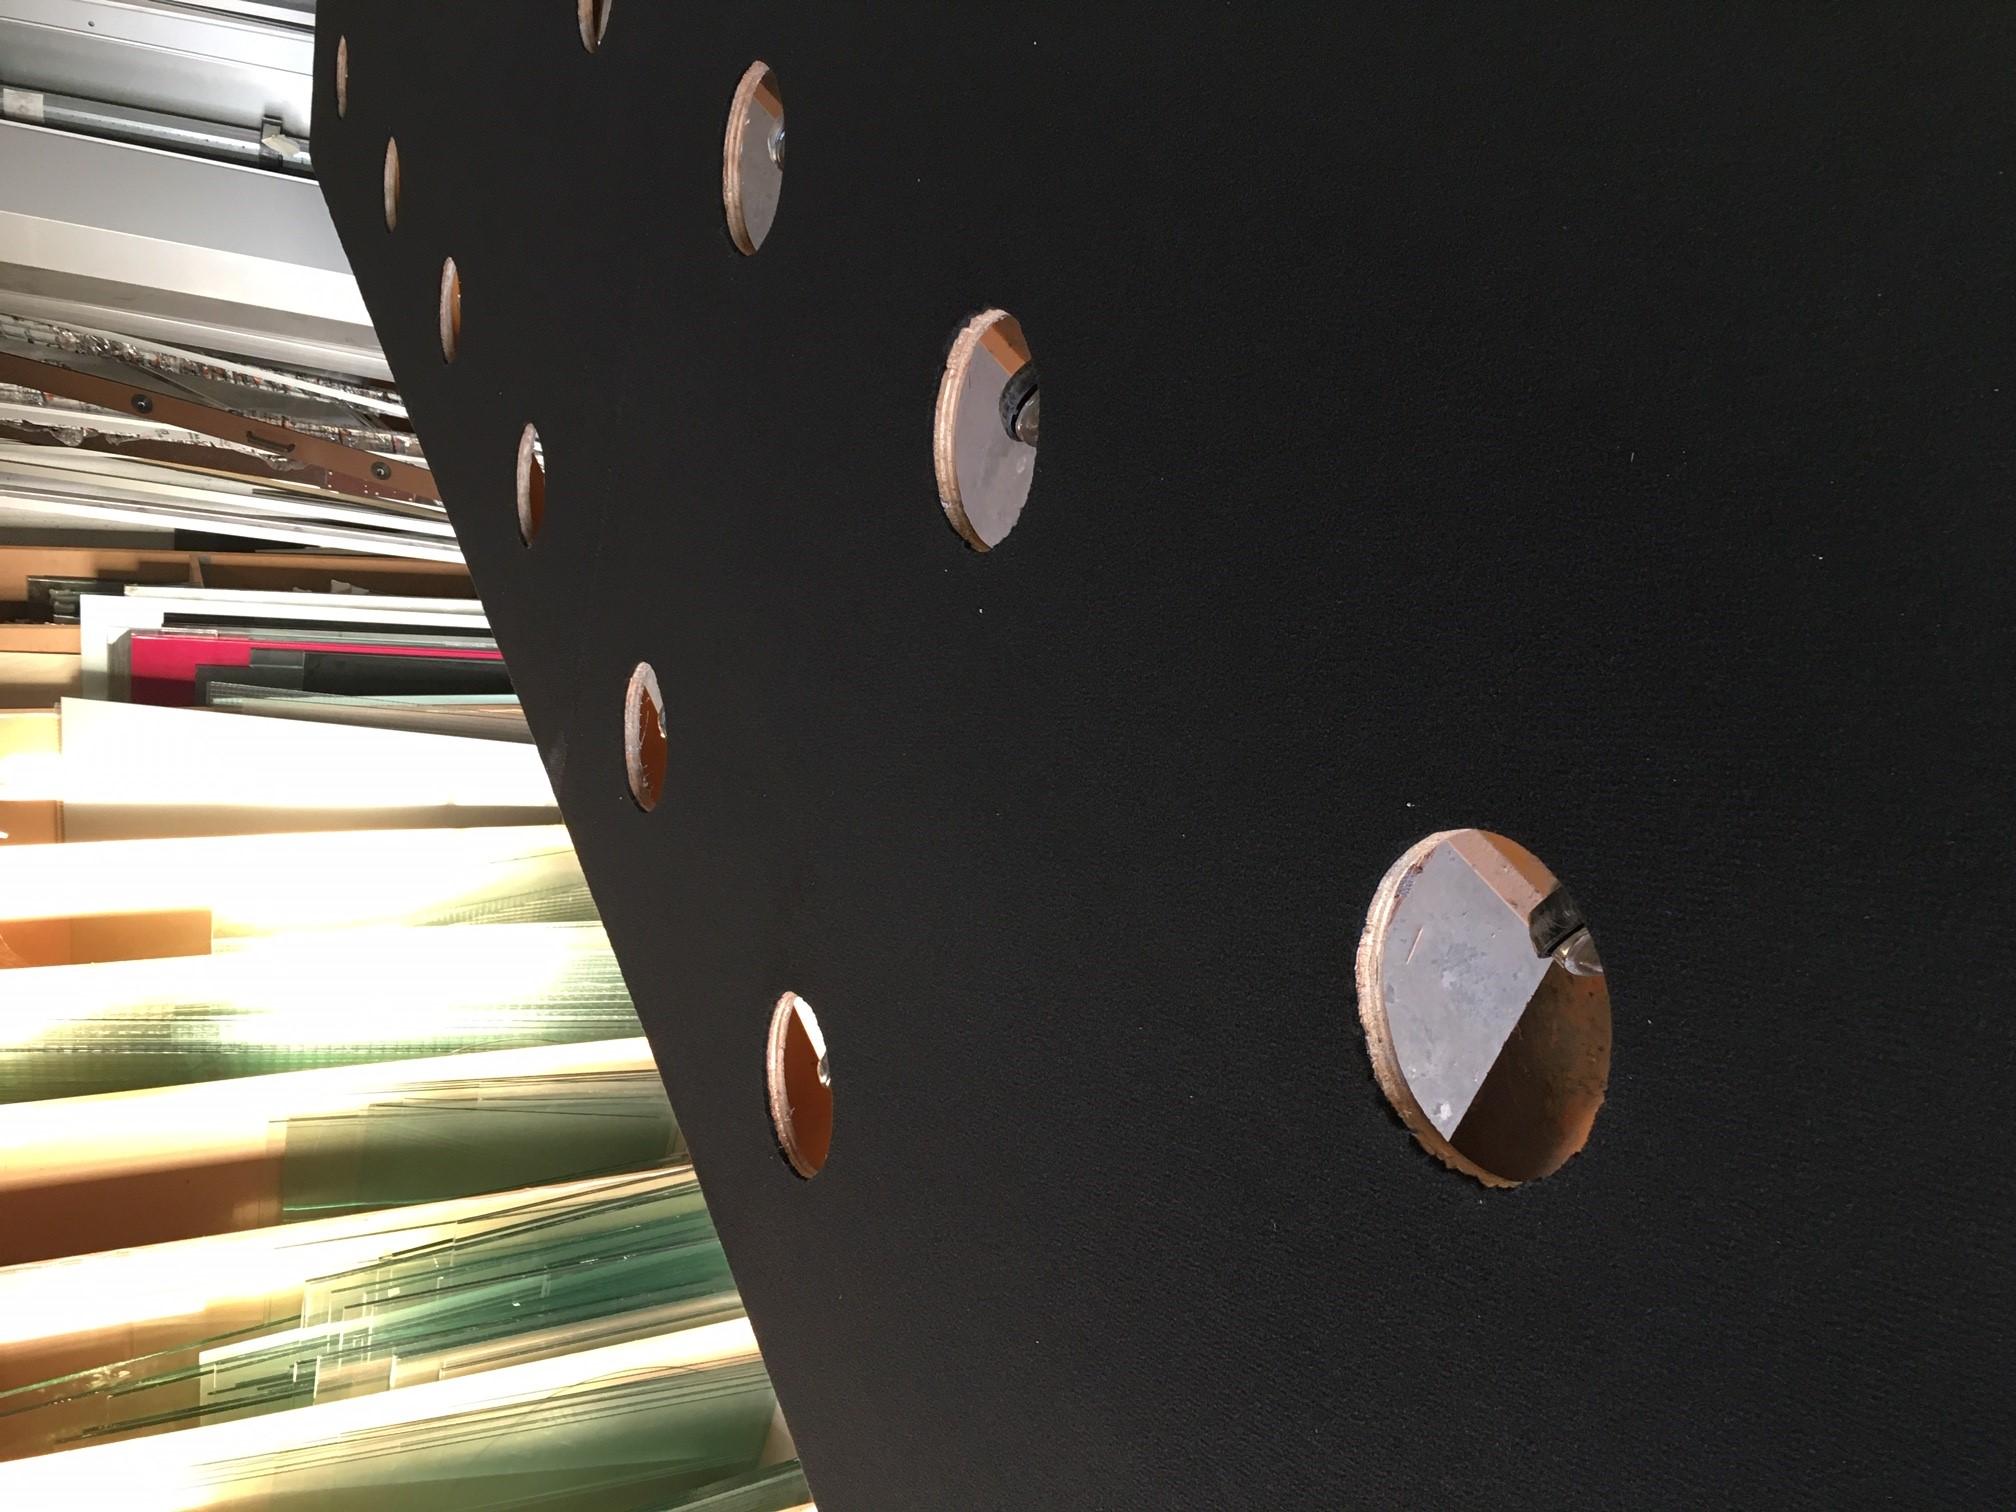 Découpe de verre sur mesure la Rochelle détail de la Table de découpe de la Miroiterie d'Aunis